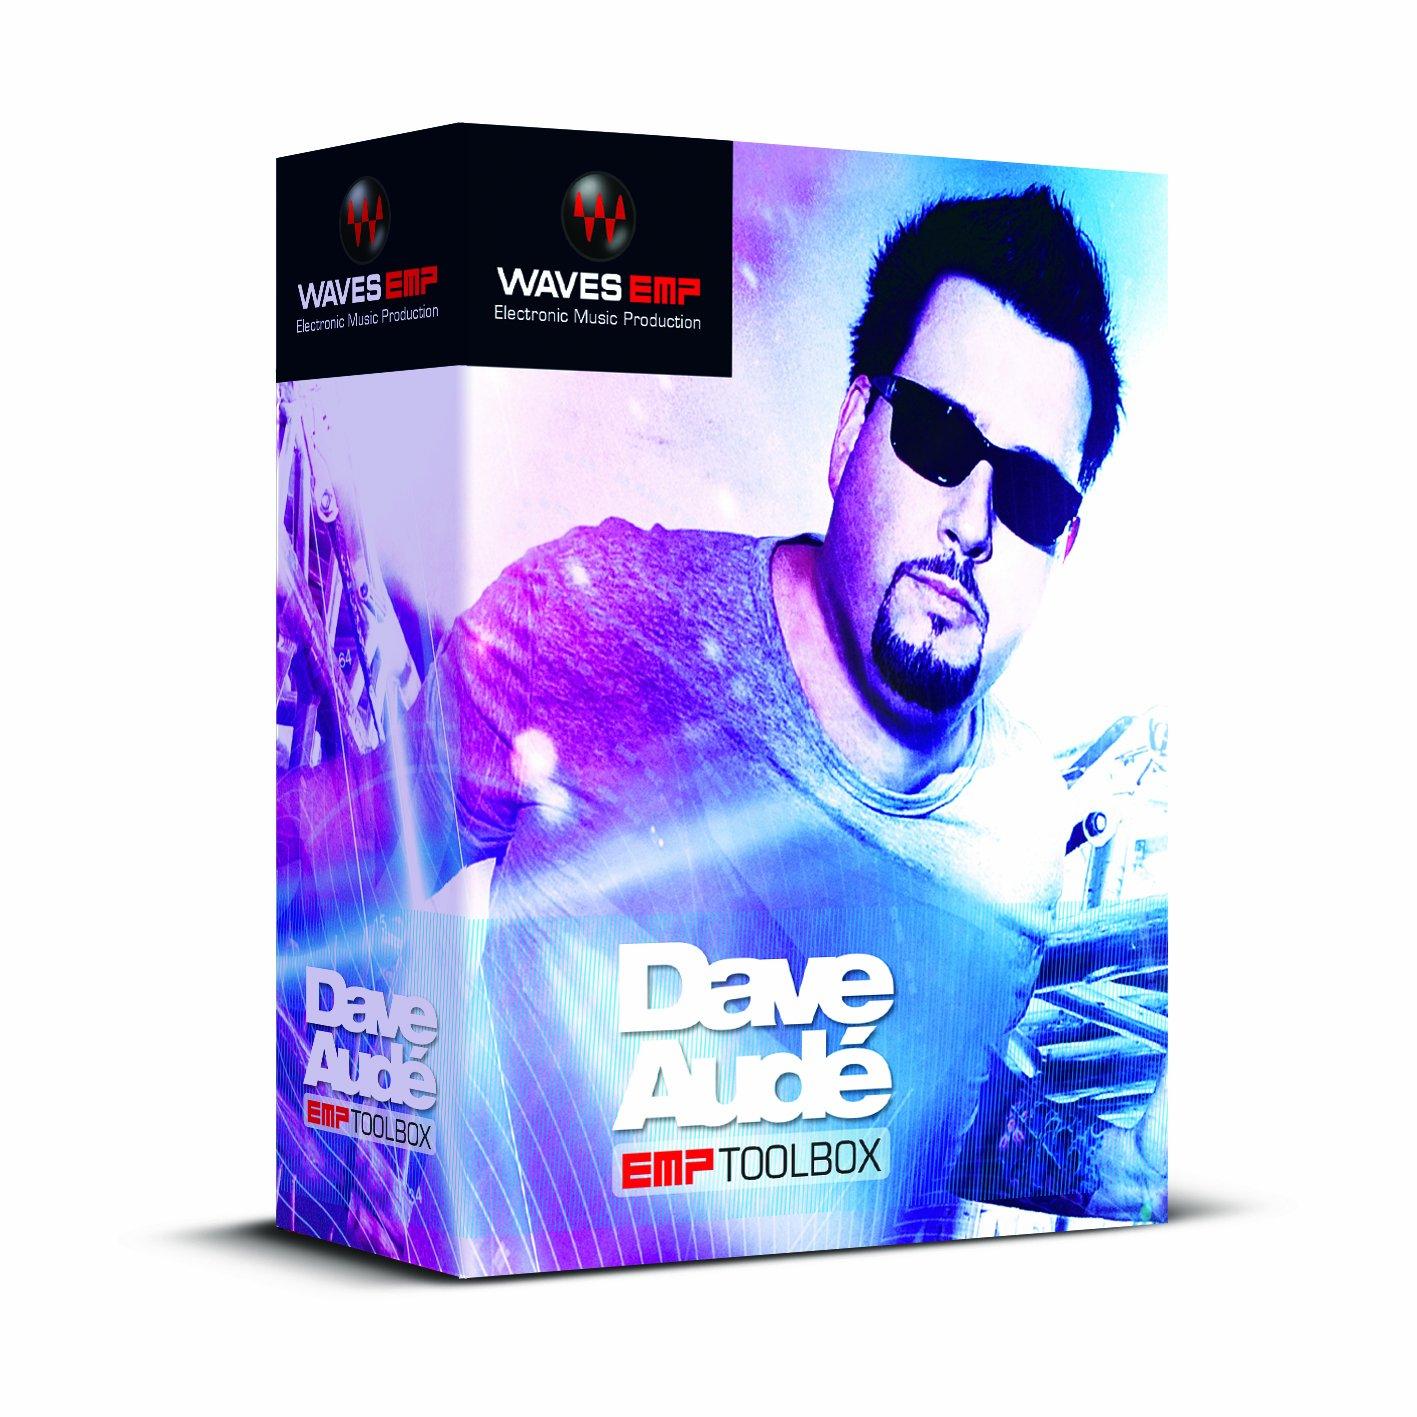 配送員設置 【並行輸入品】 WAVES Dave Dave Aud EMP EMP Toolbox B00GLL4IP0◆ノンパッケージ/ダウンロード形式 B00GLL4IP0, public:17533a41 --- svecha37.ru